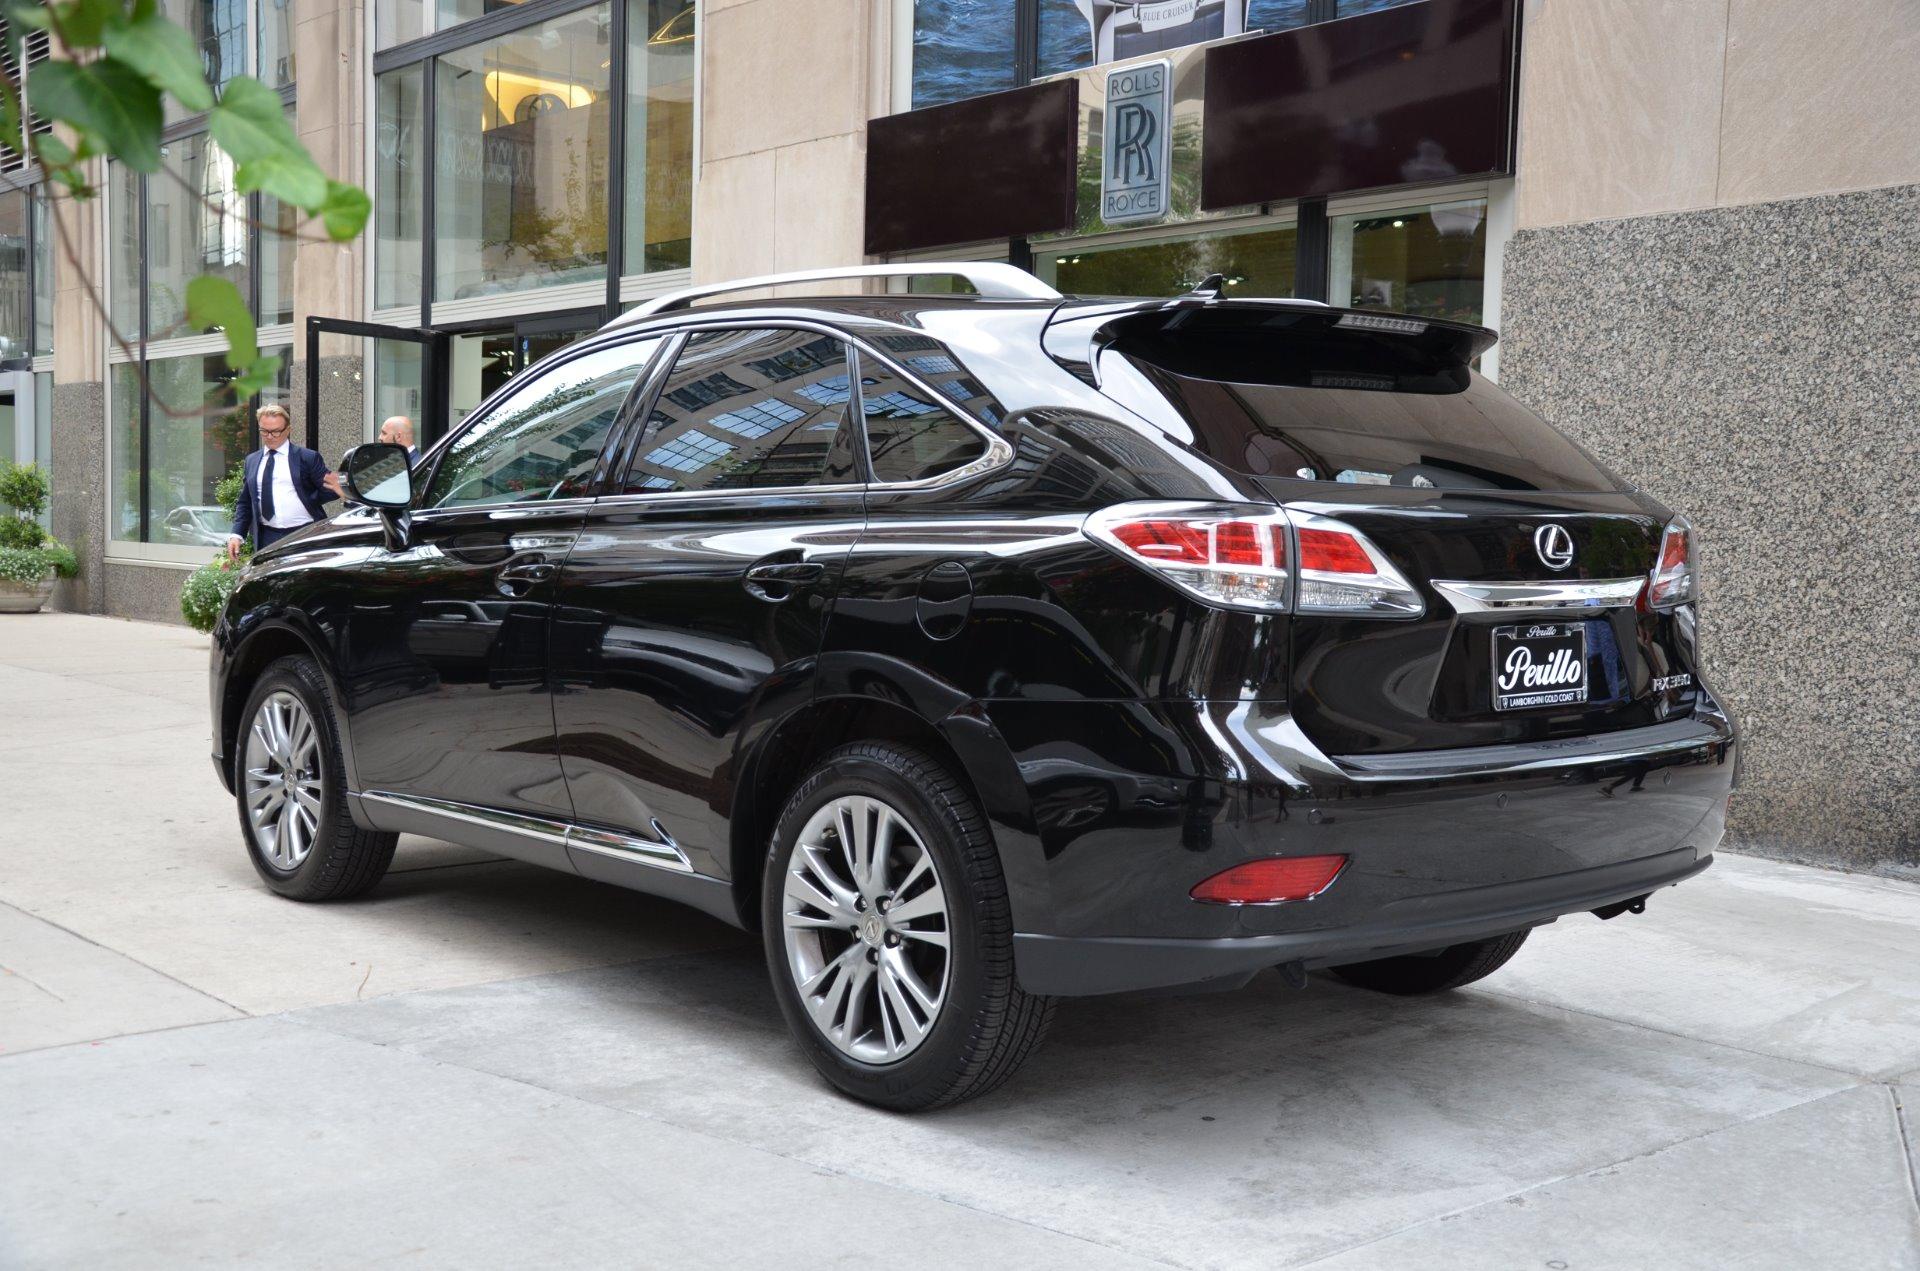 drive lexus s image suv rx isn but test t it sport f to fun luxury